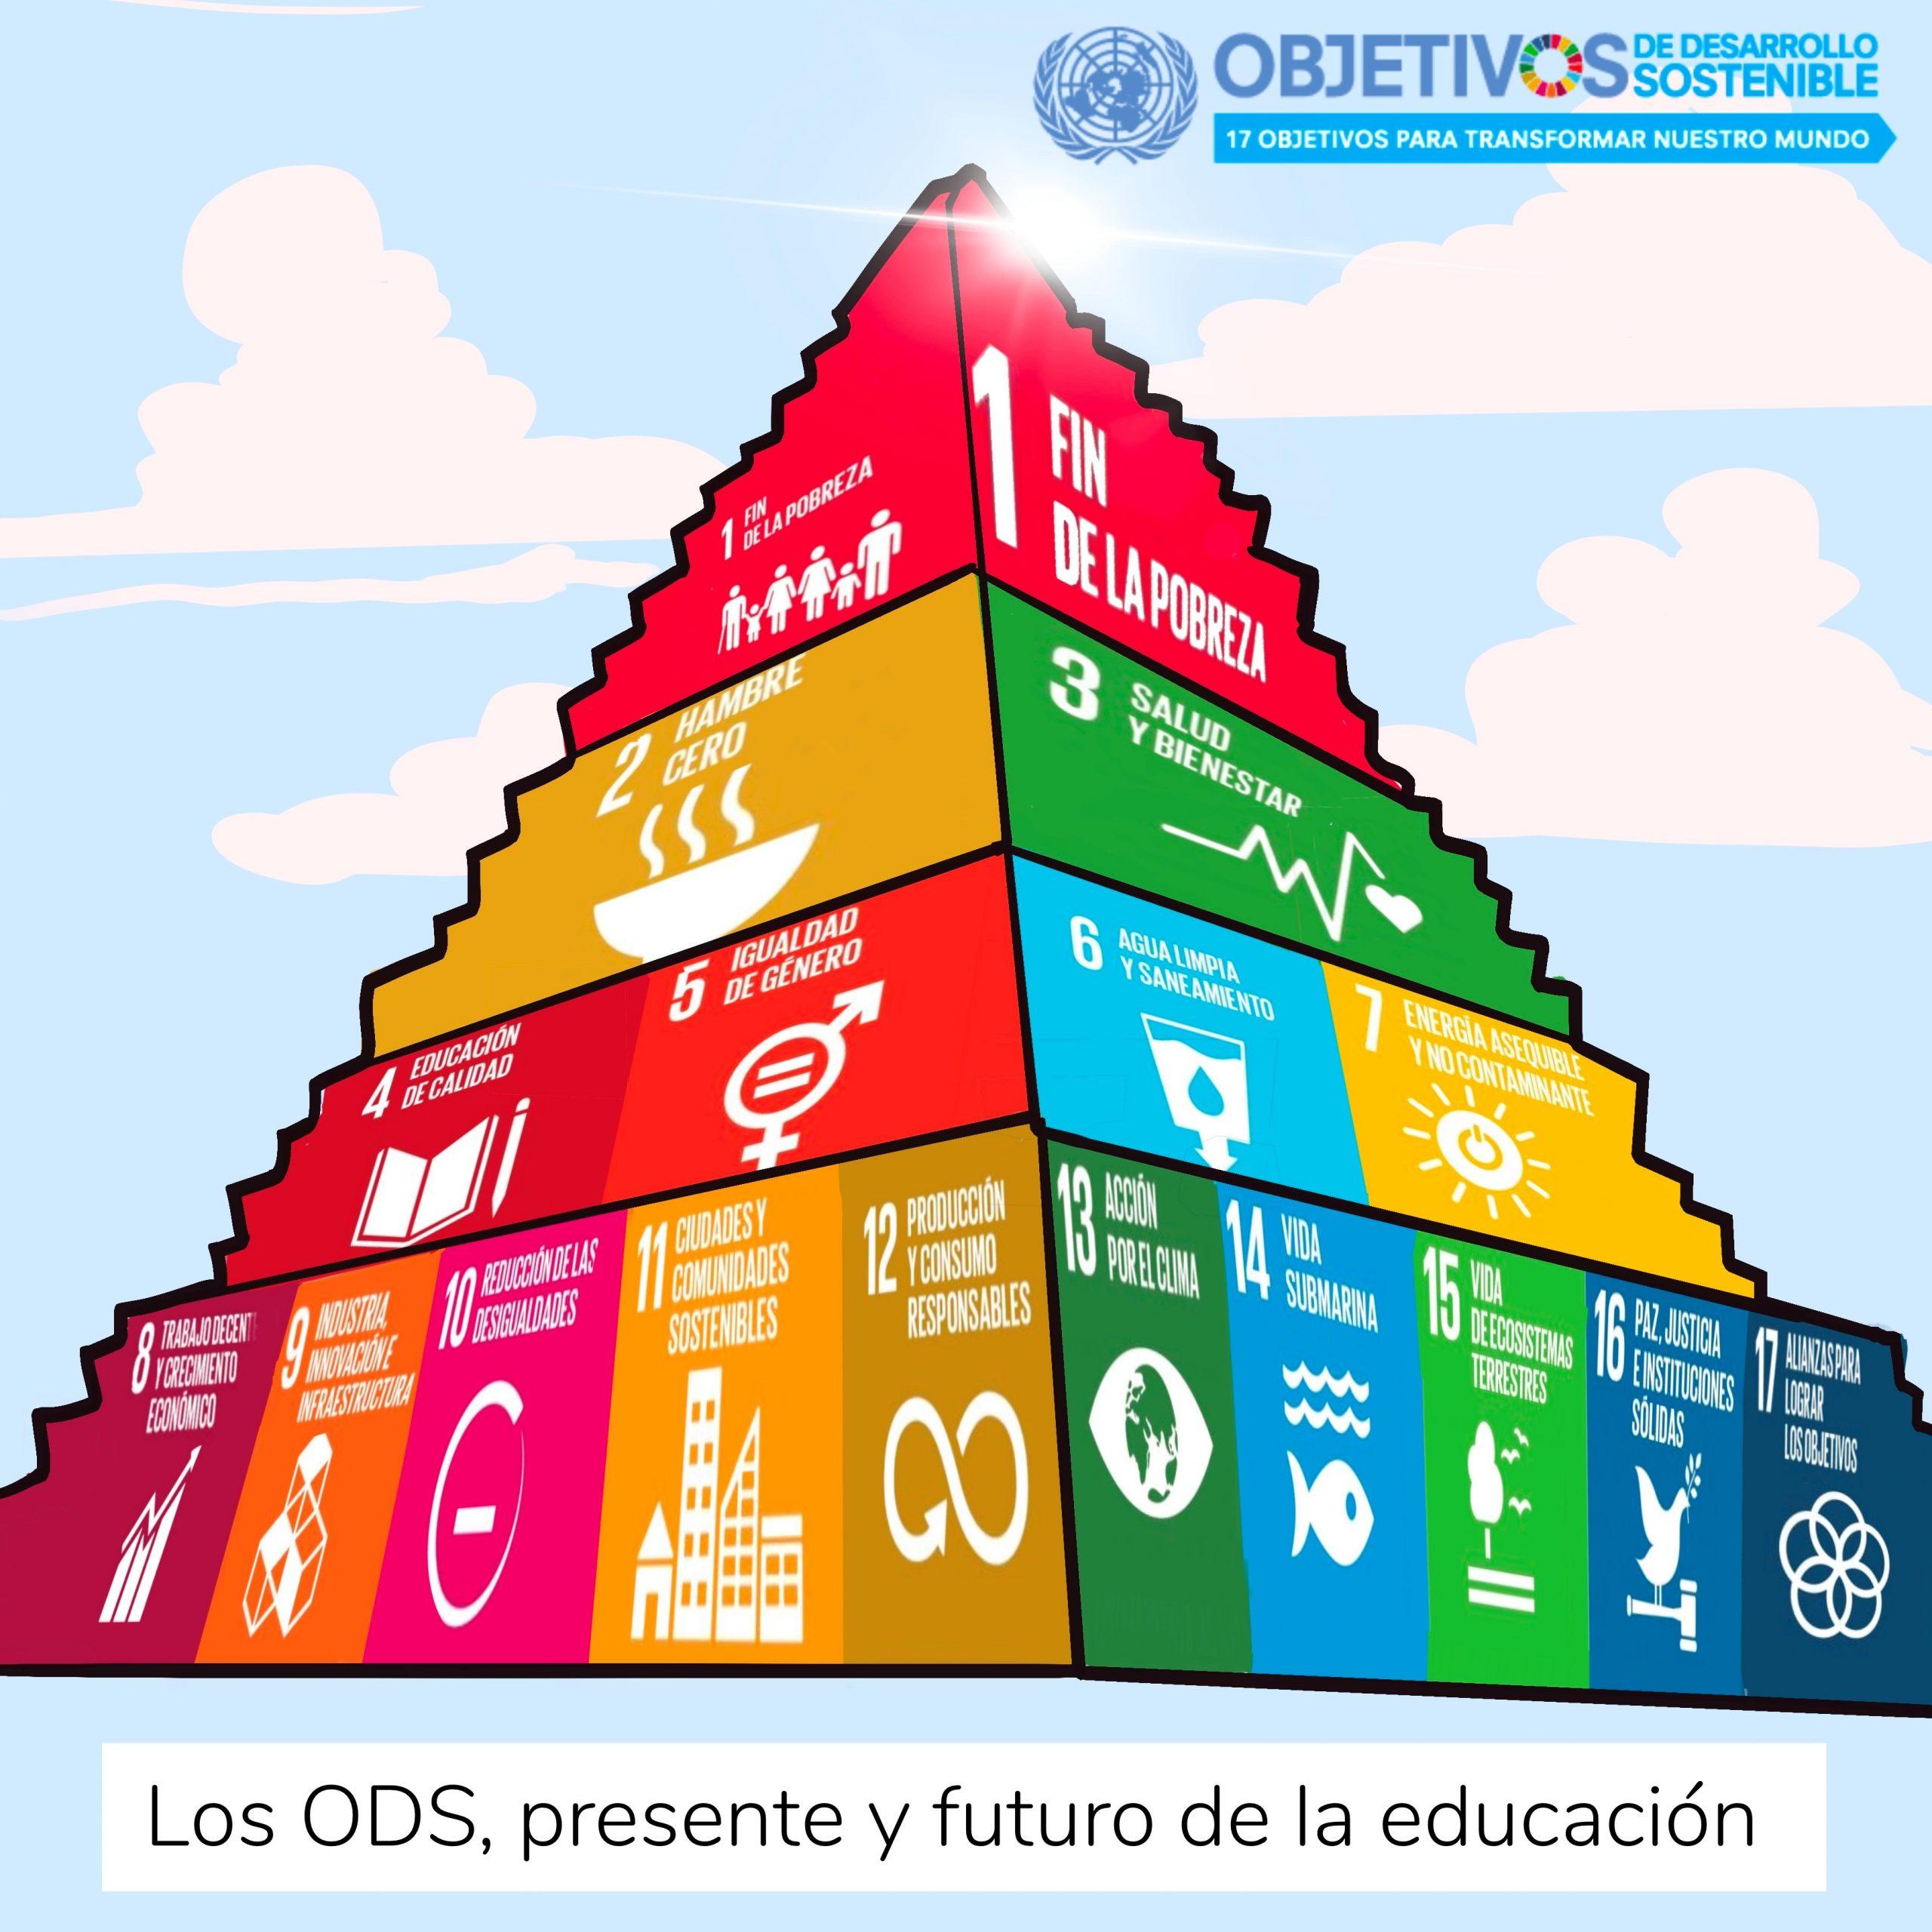 David Mora_Viñeta 35_Los ODS, presente y futuro de la educación